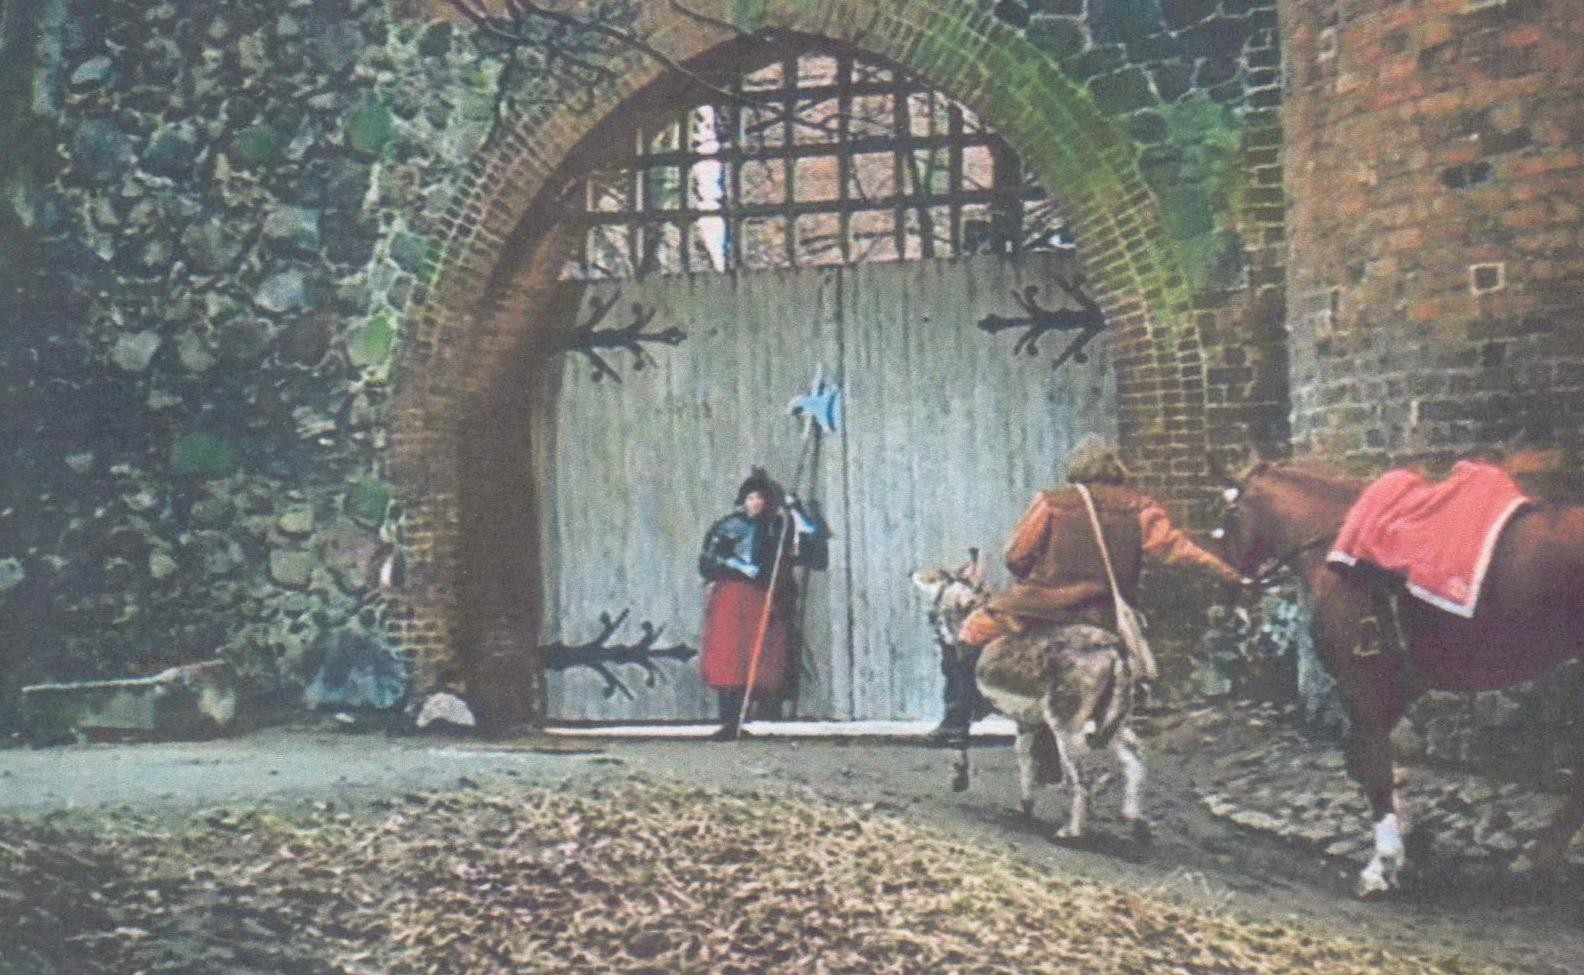 Am Fangelturm wurde ein schweres Tor eingebaut, das durch Soldaten bewacht wurde.